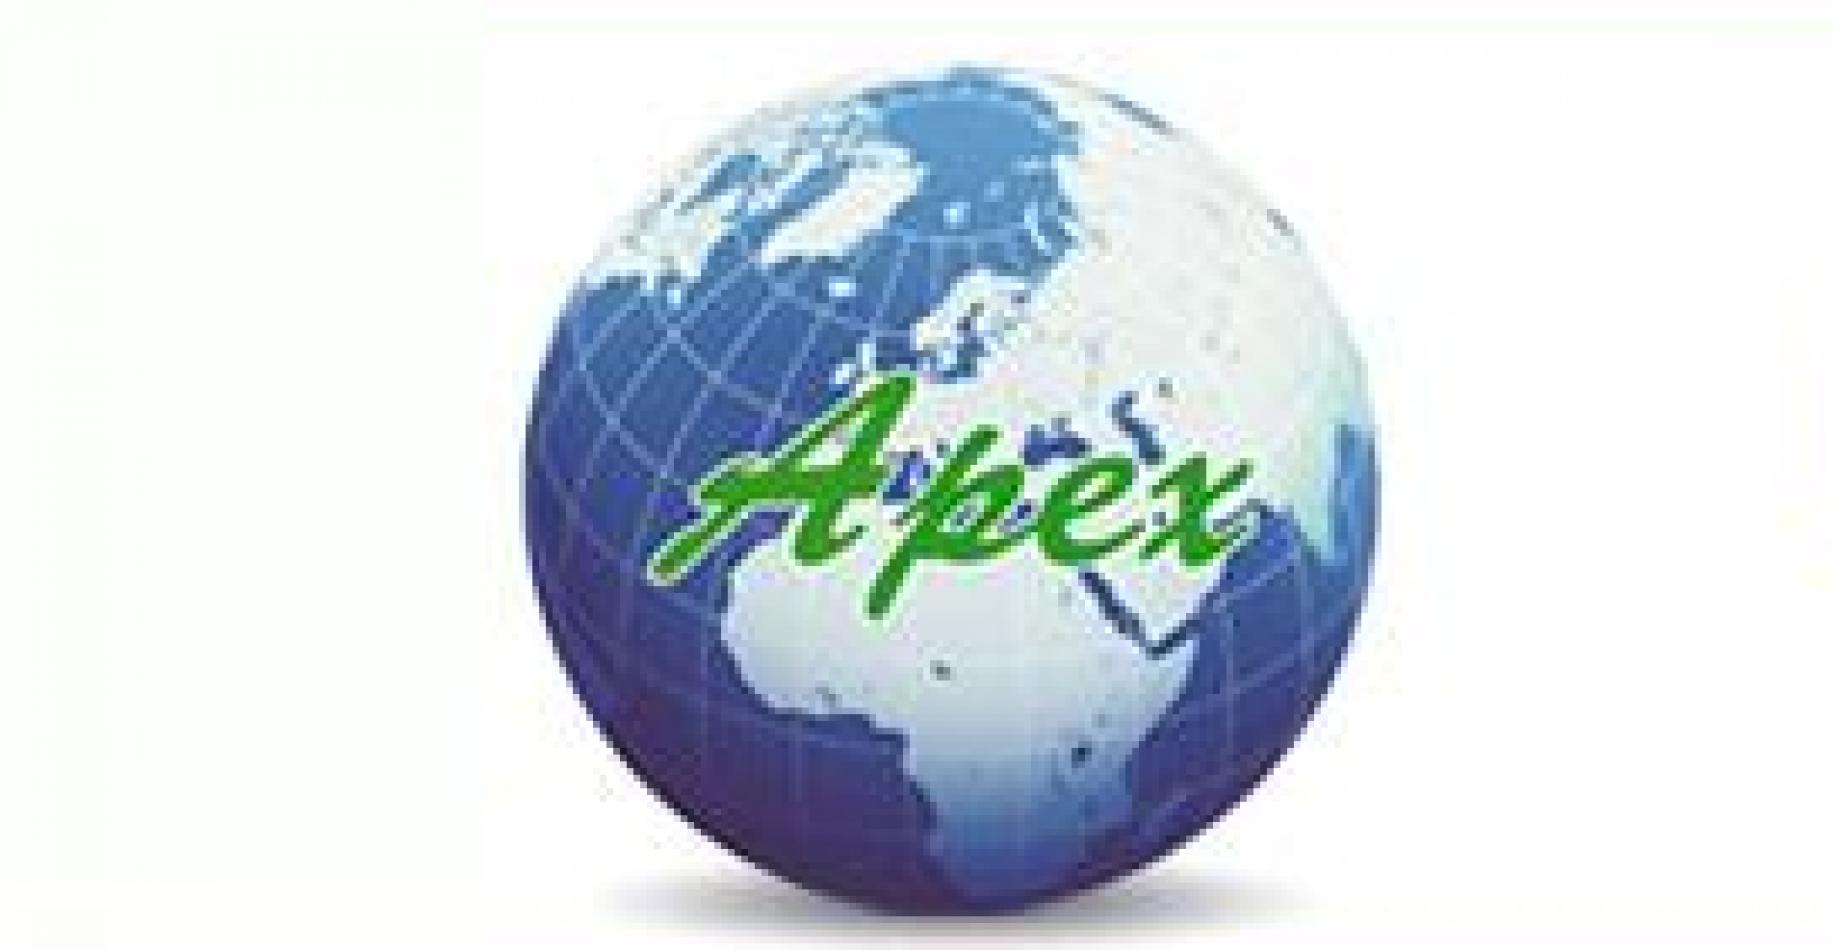 APEX ACCESSORIES COMPANY LTD